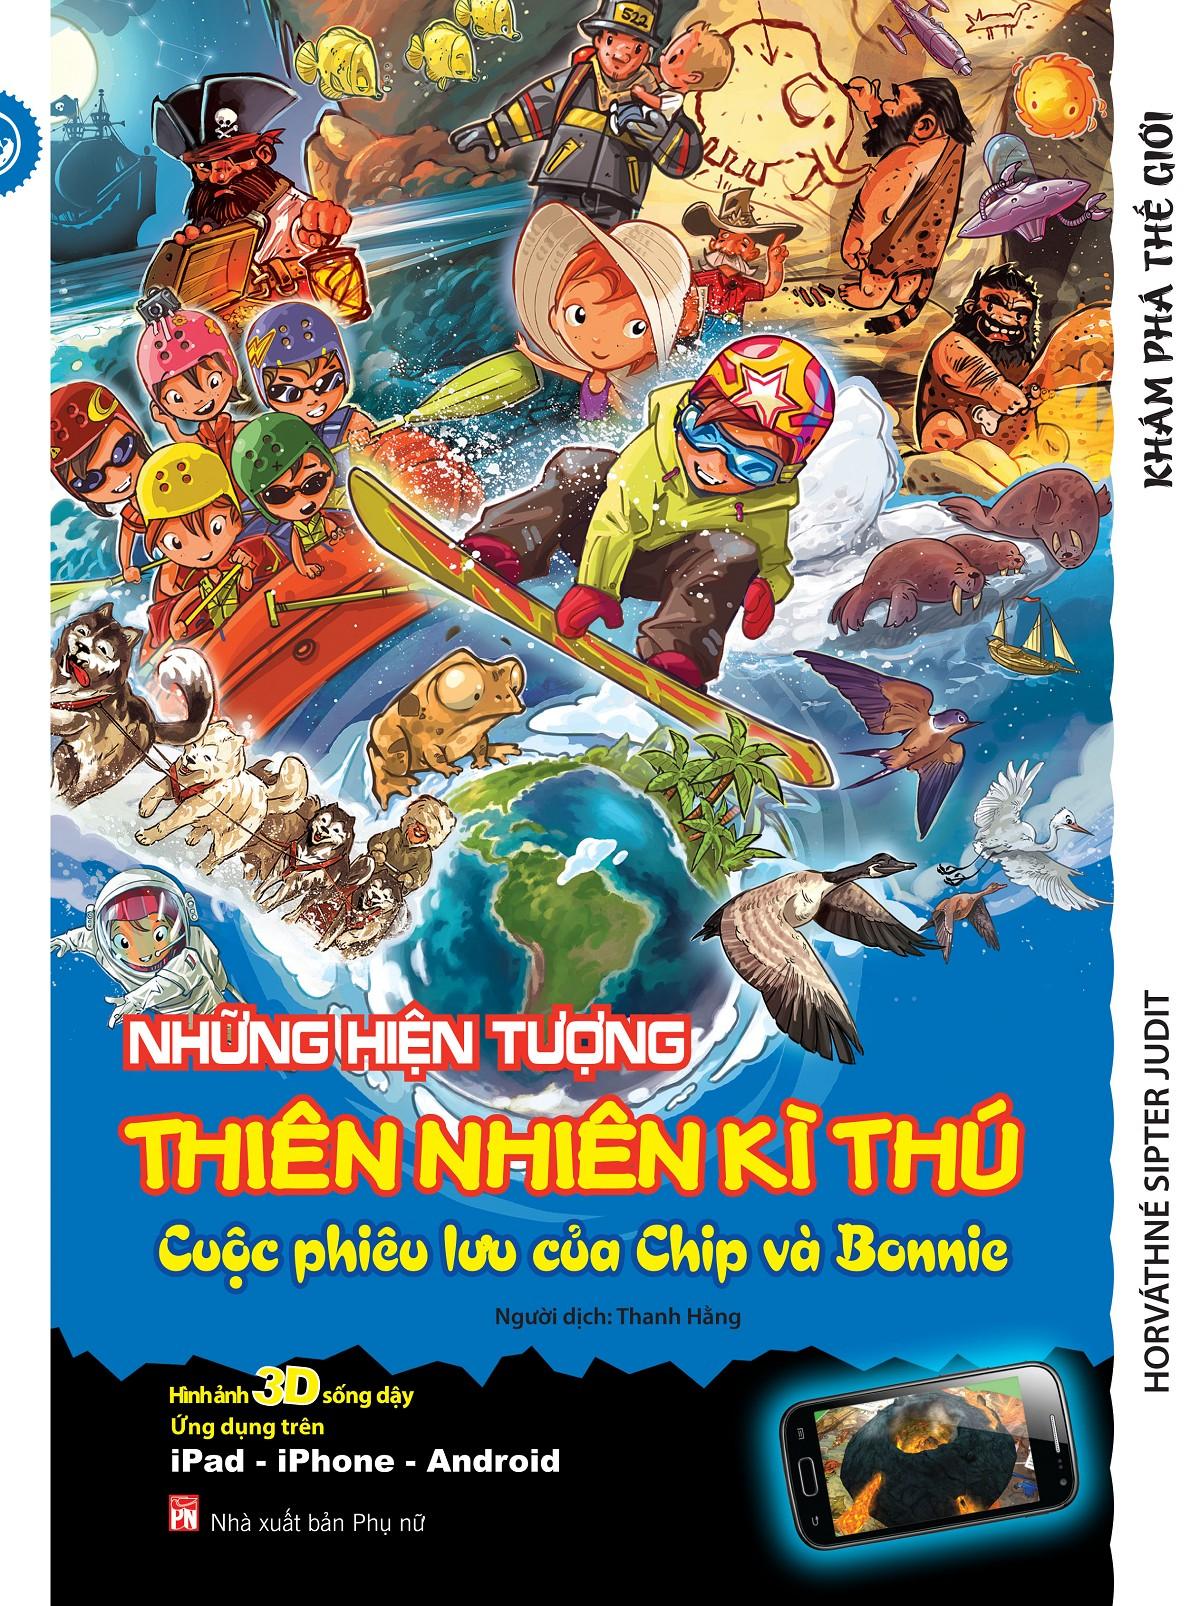 nhung-hien-tuong-thien-nhien-ki-thu-bia-mem-1-.u2769.d20170303.t142303.350386.jpg